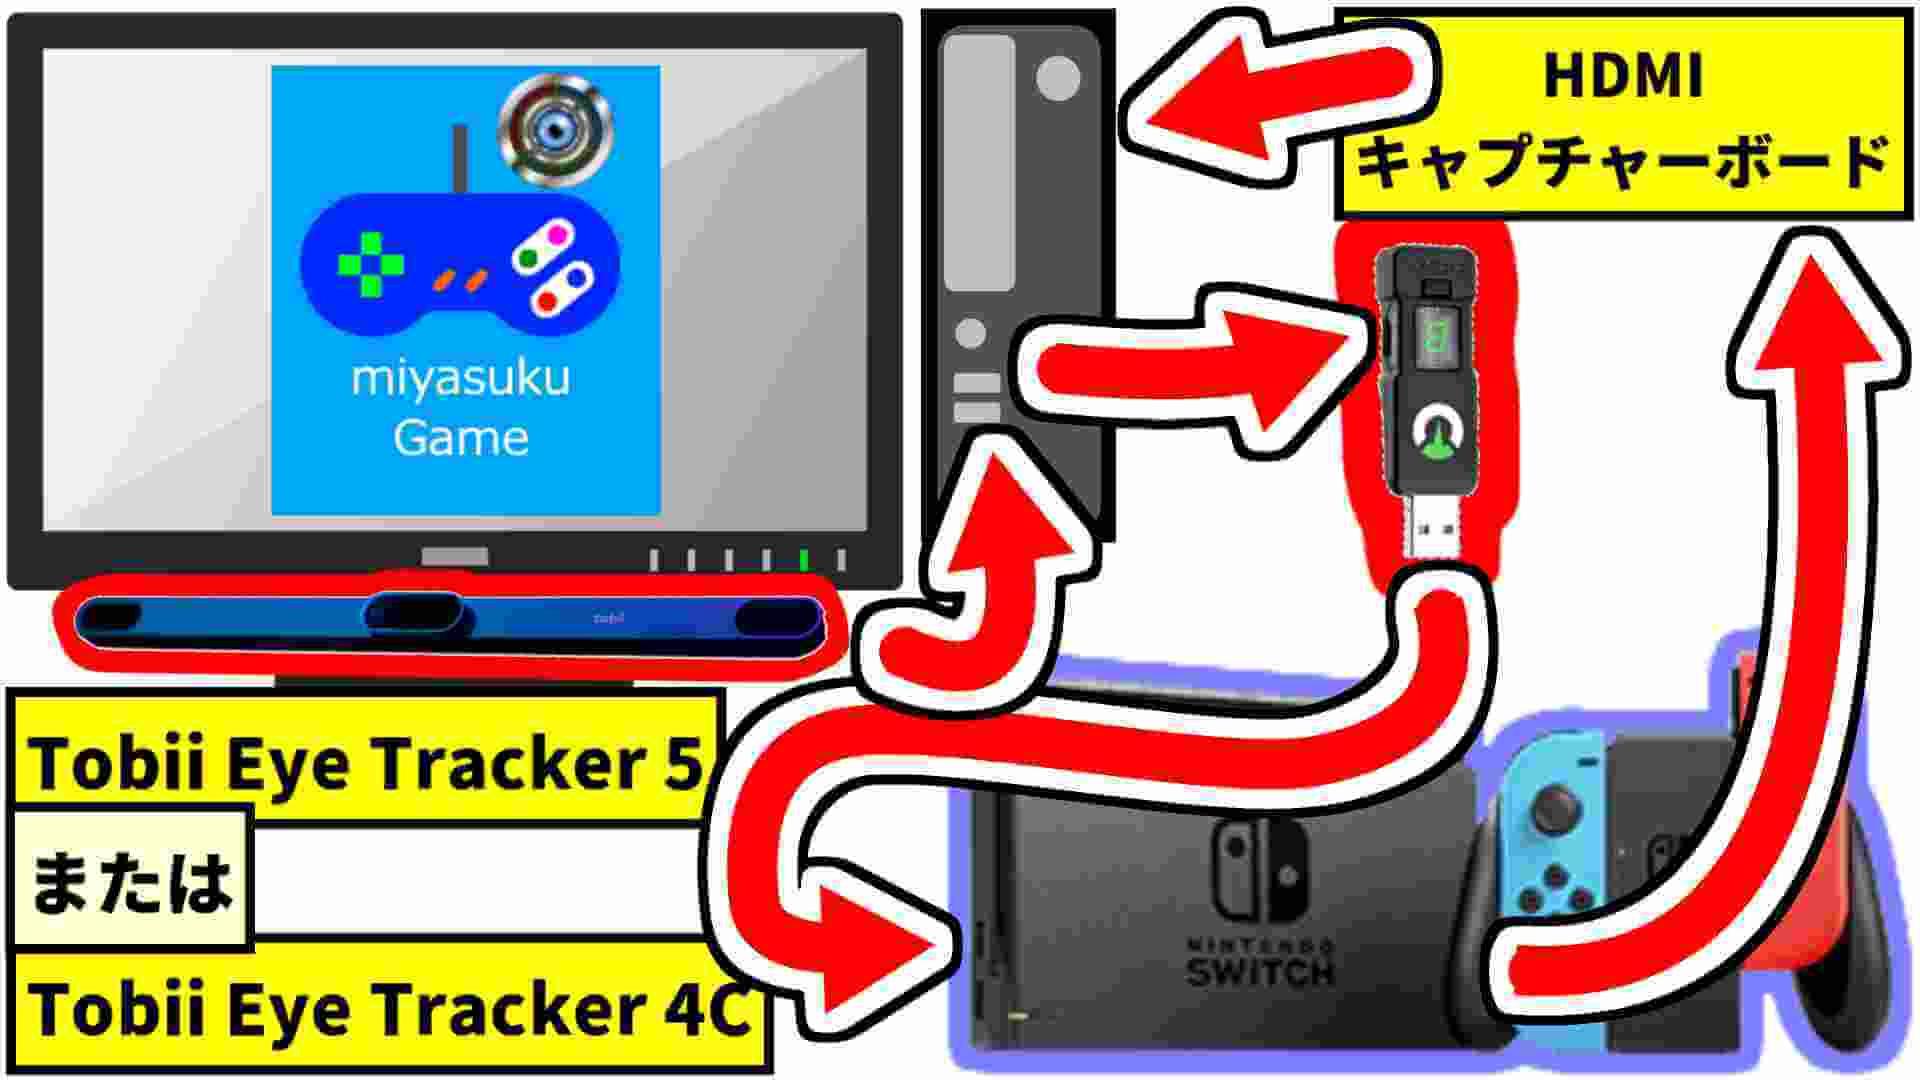 miyasuku Game接続図